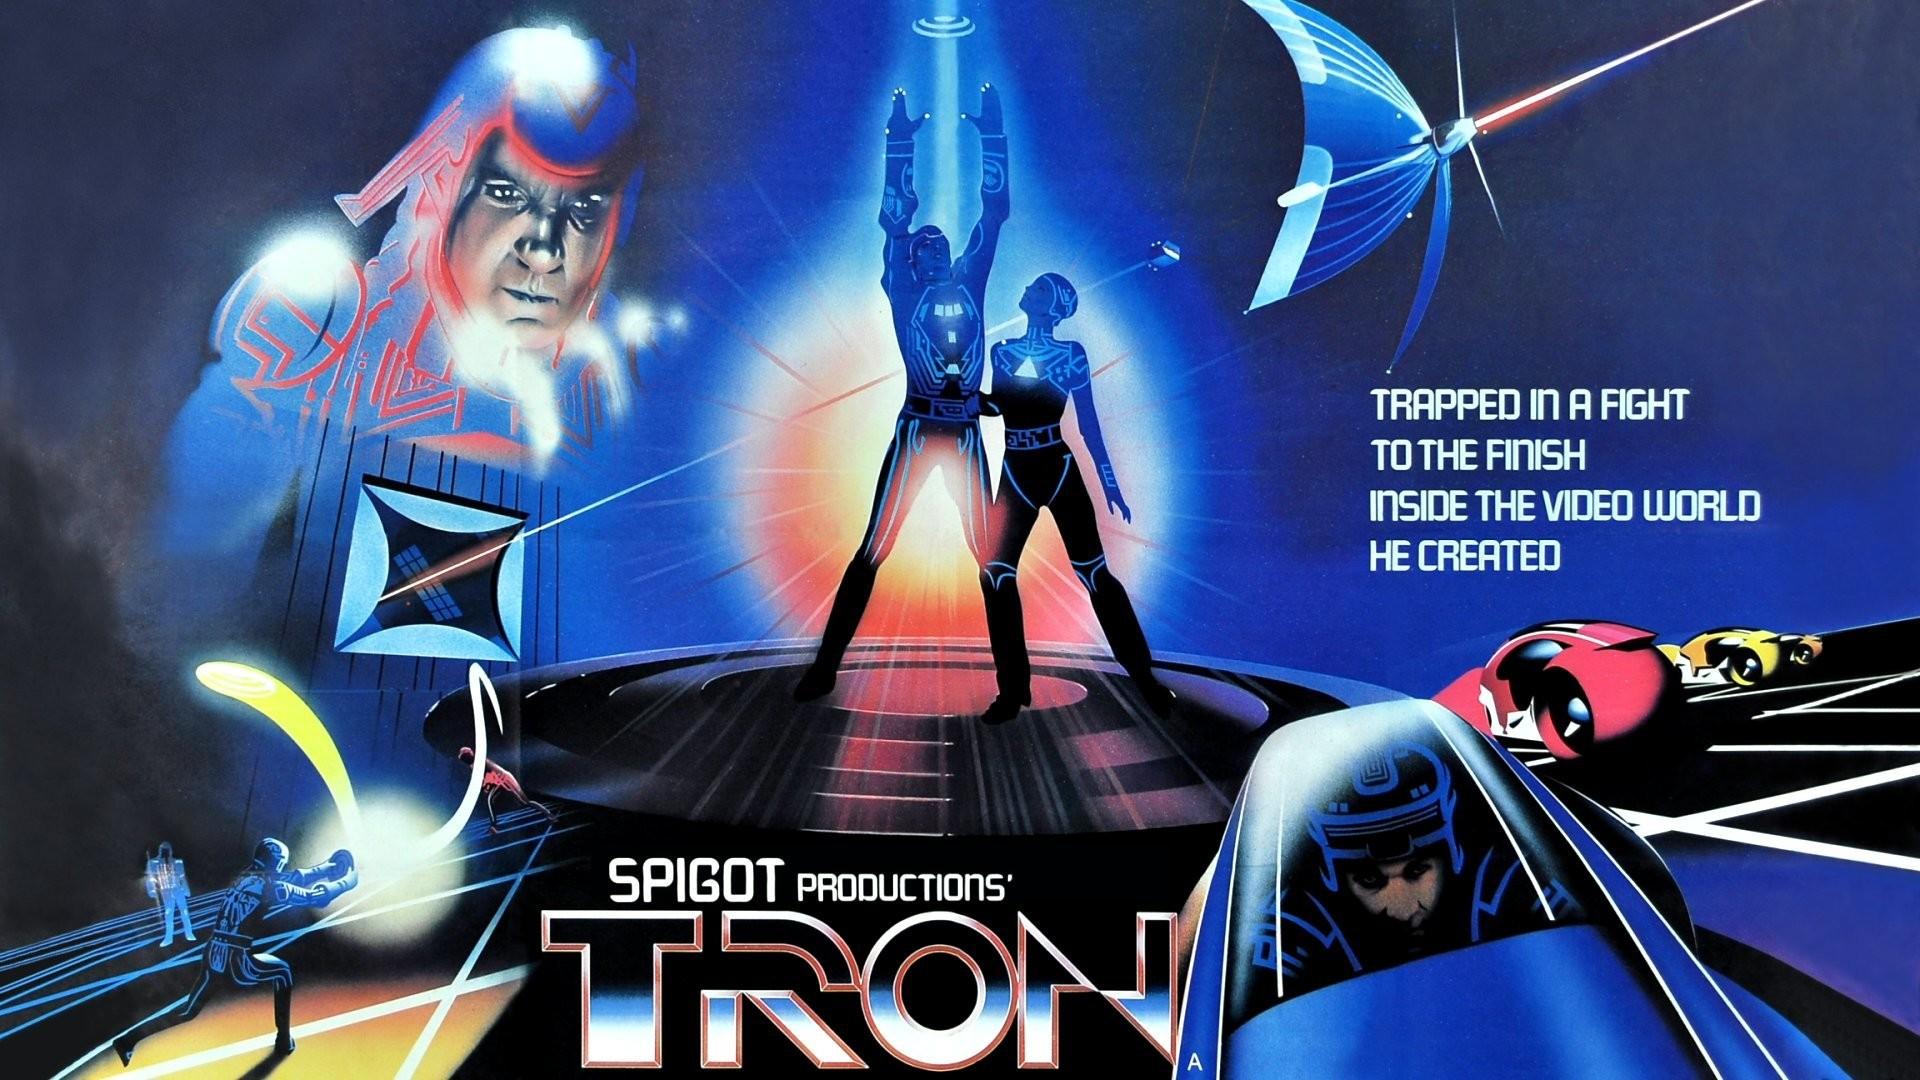 1163318-1982-tron-wallpaper-1920x1080.jpg